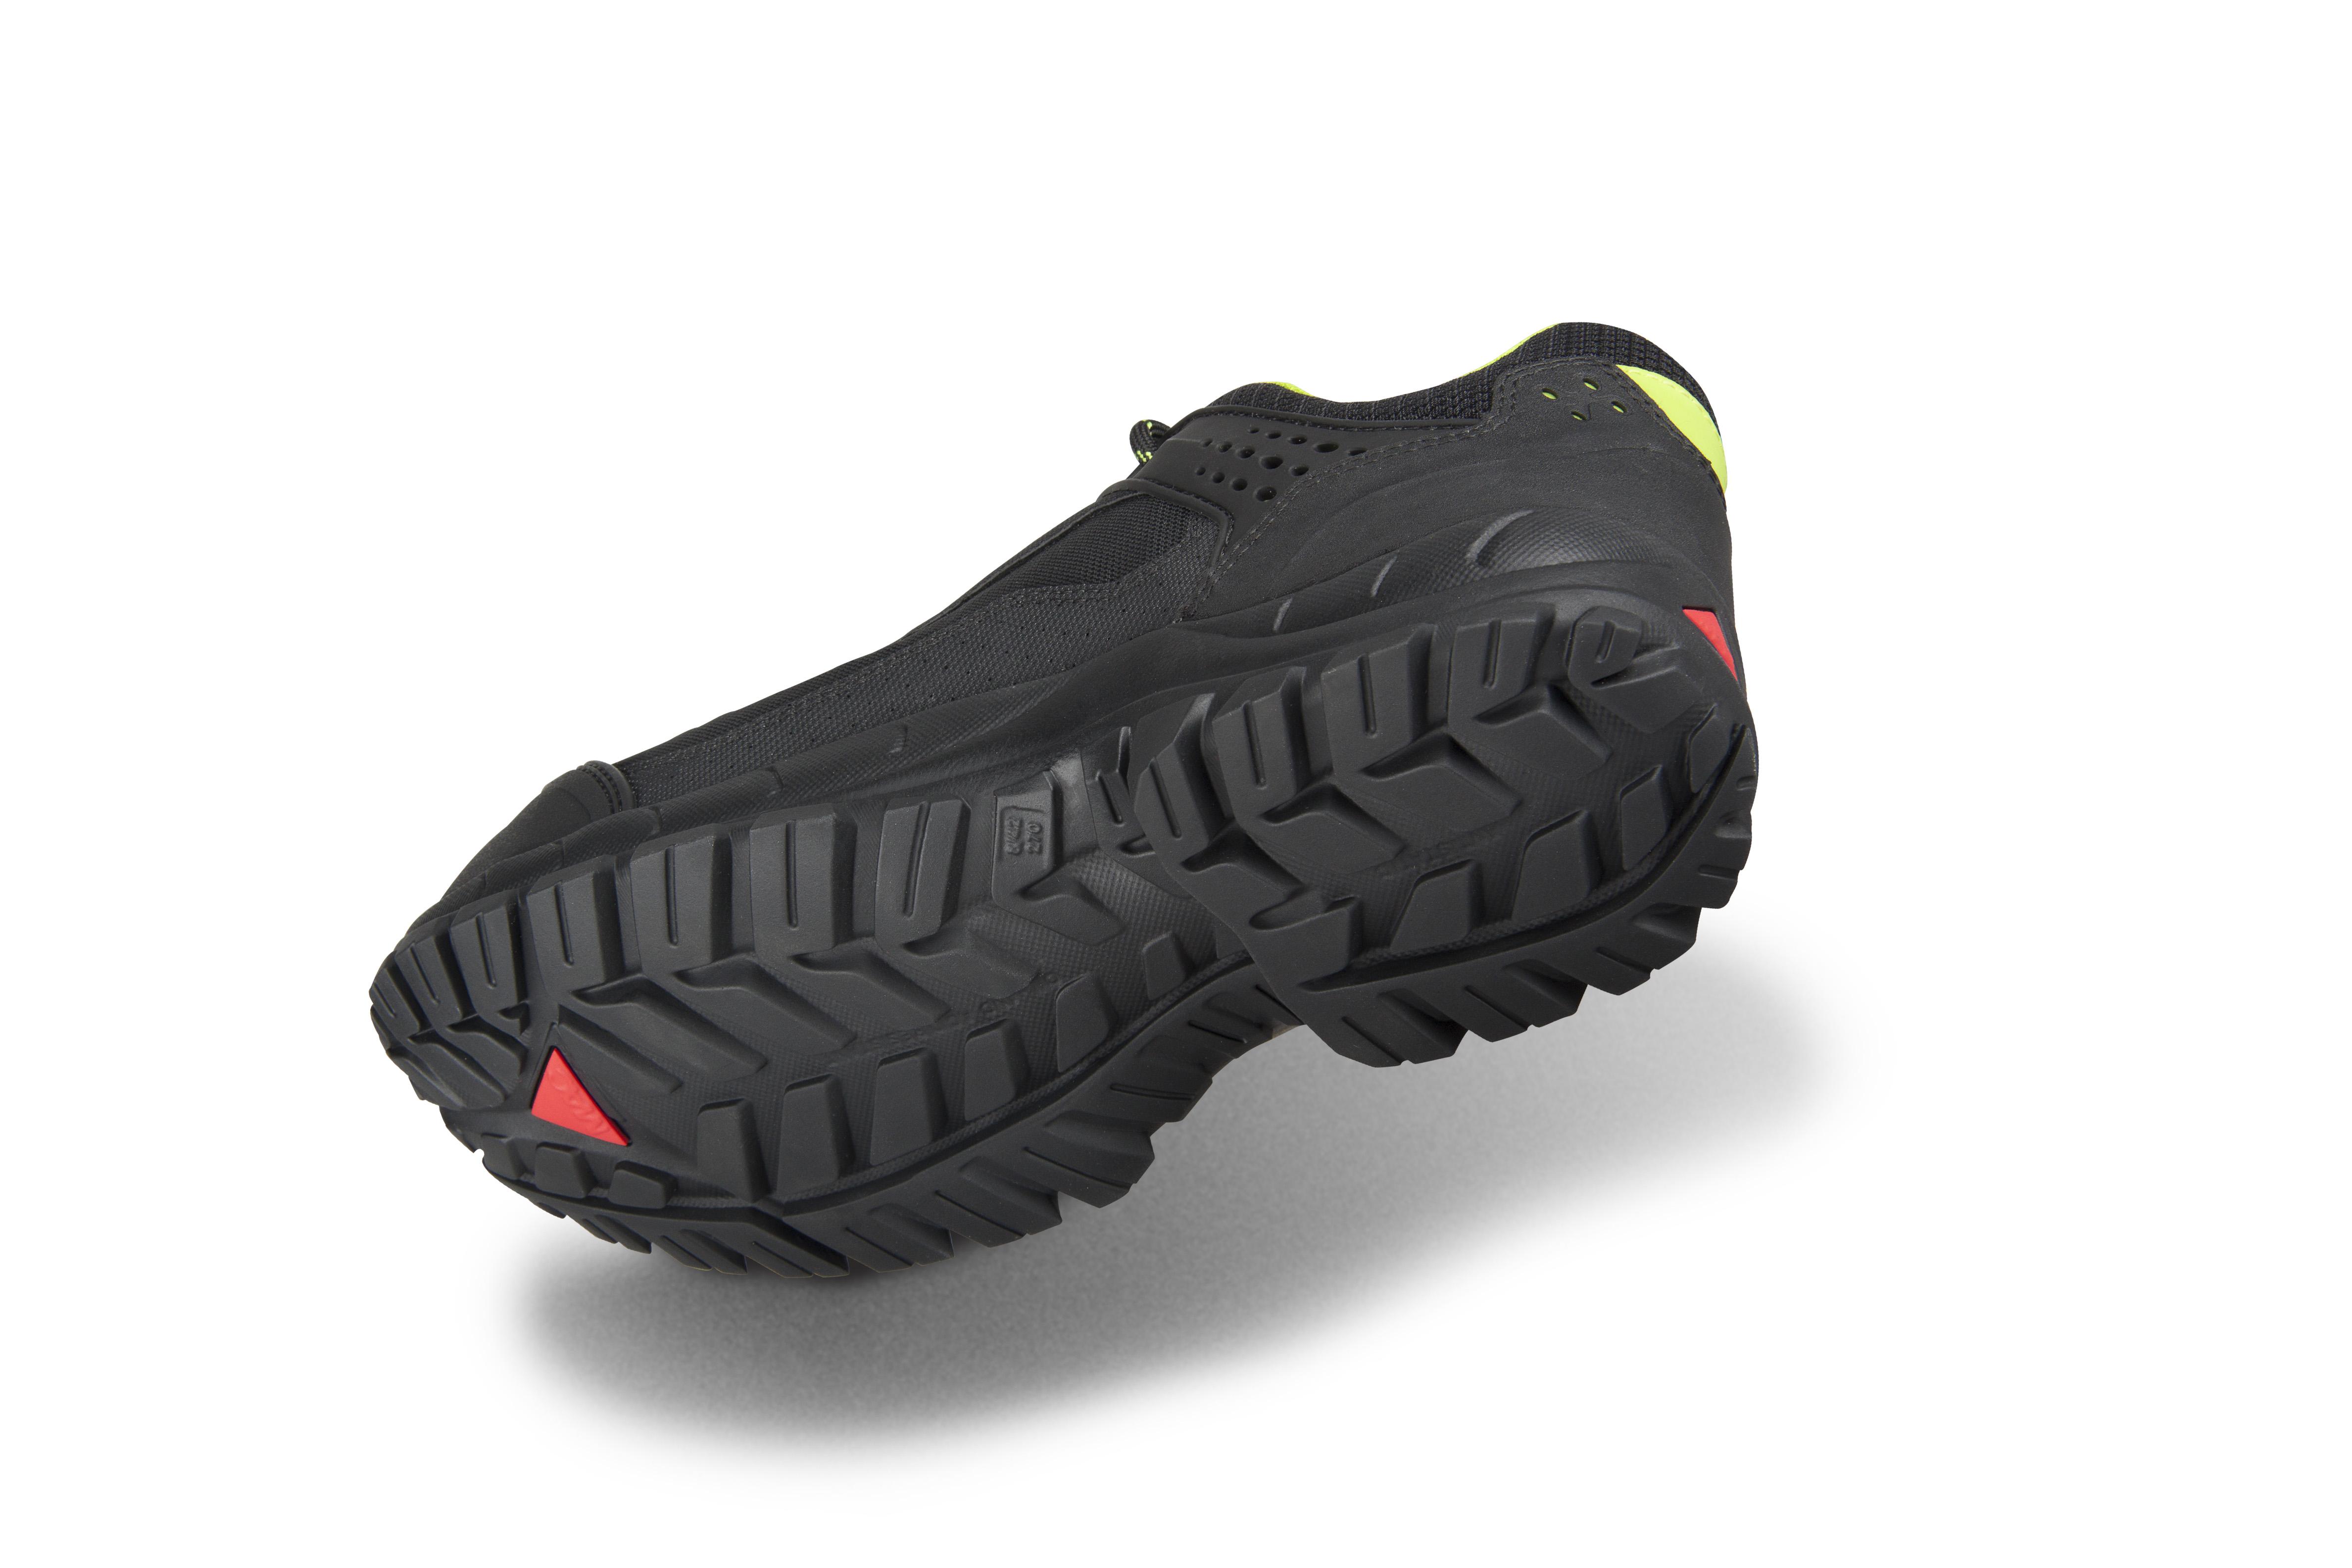 """""""Chaussure de sécurité basse Gore-Tex MACEXPEDITION 2.0 low - semelle caoutchouc Macsole"""""""